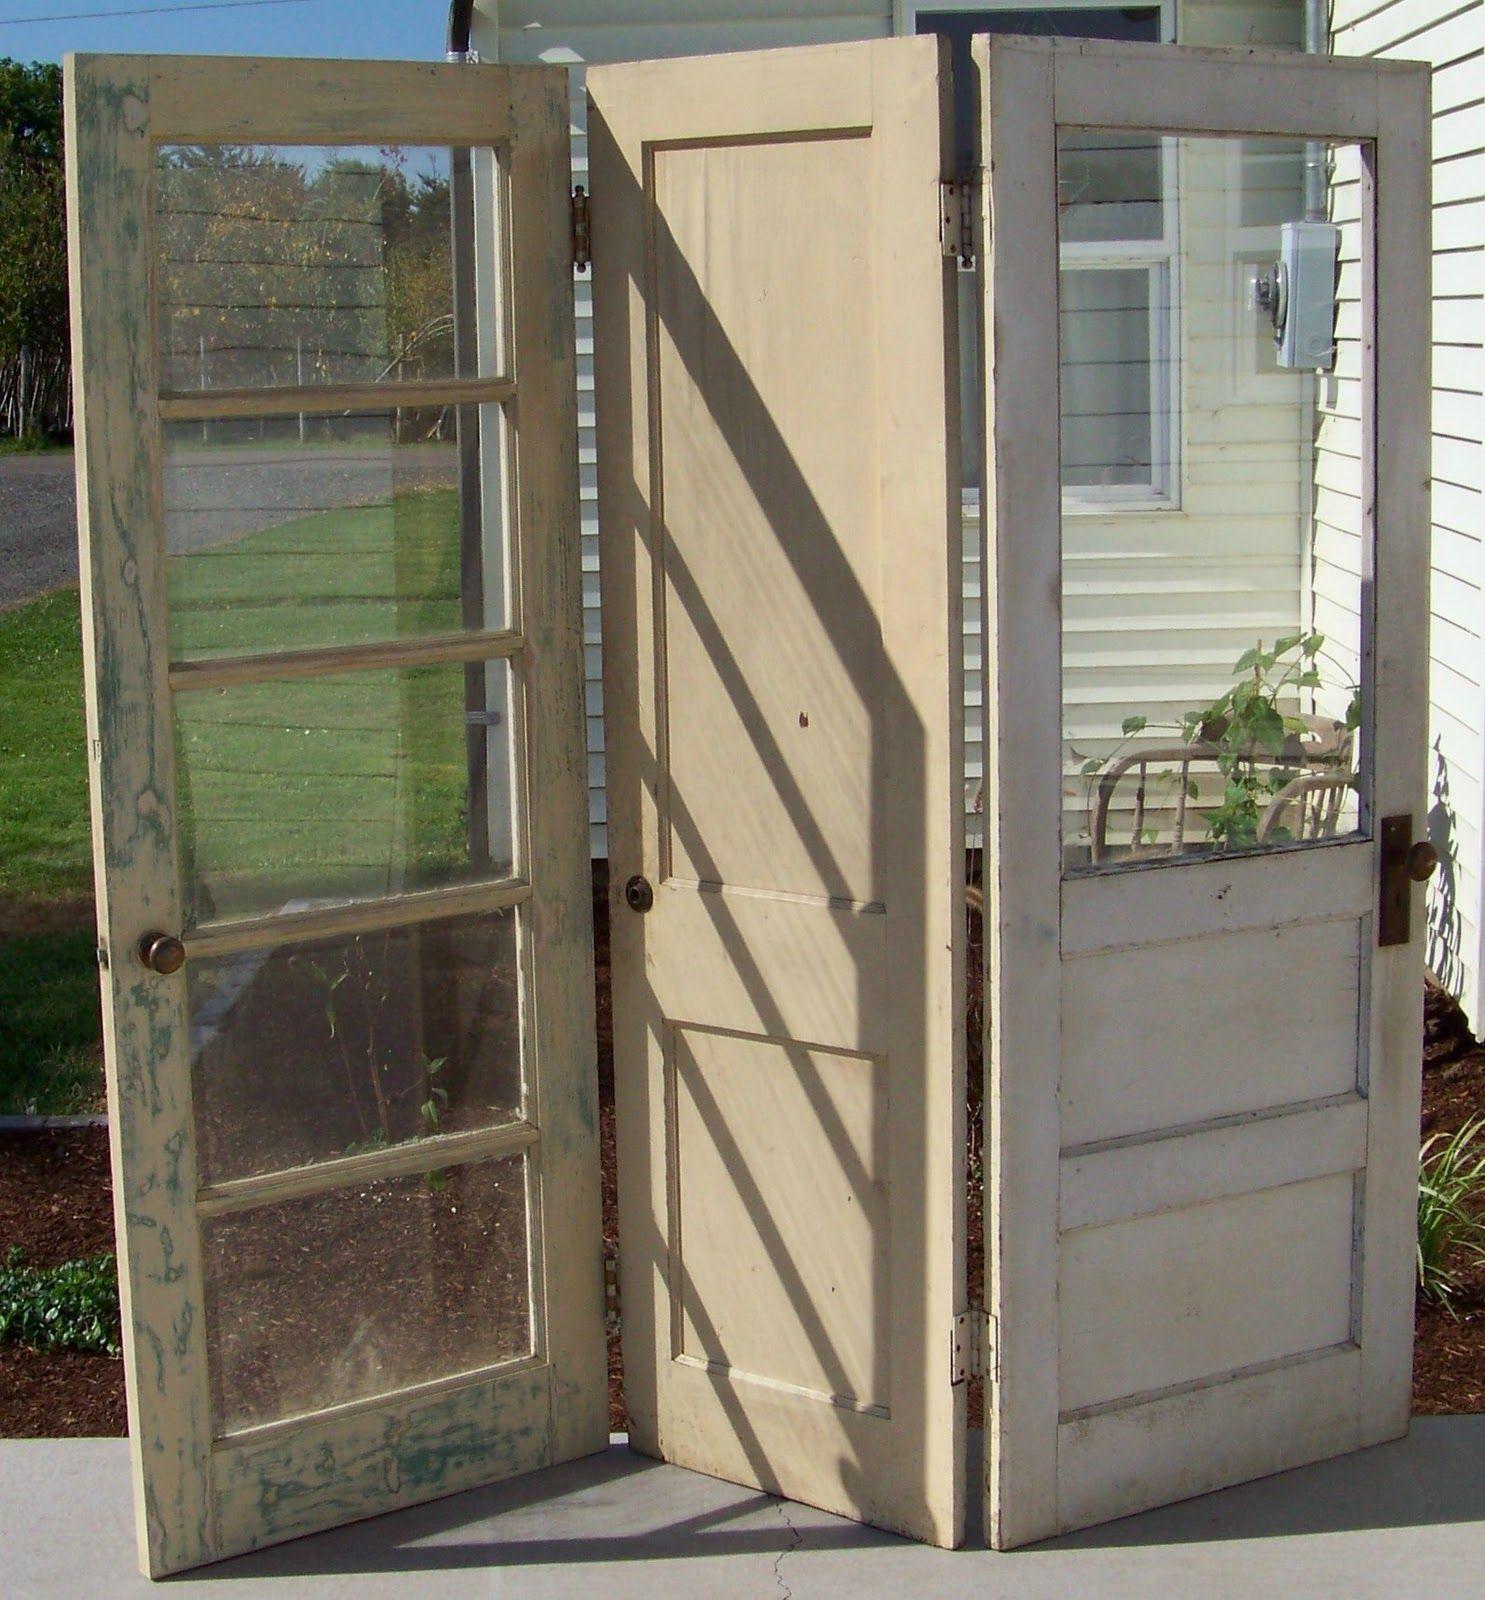 Door Separator Room Separator Ideas: Room Divider With Old Doors